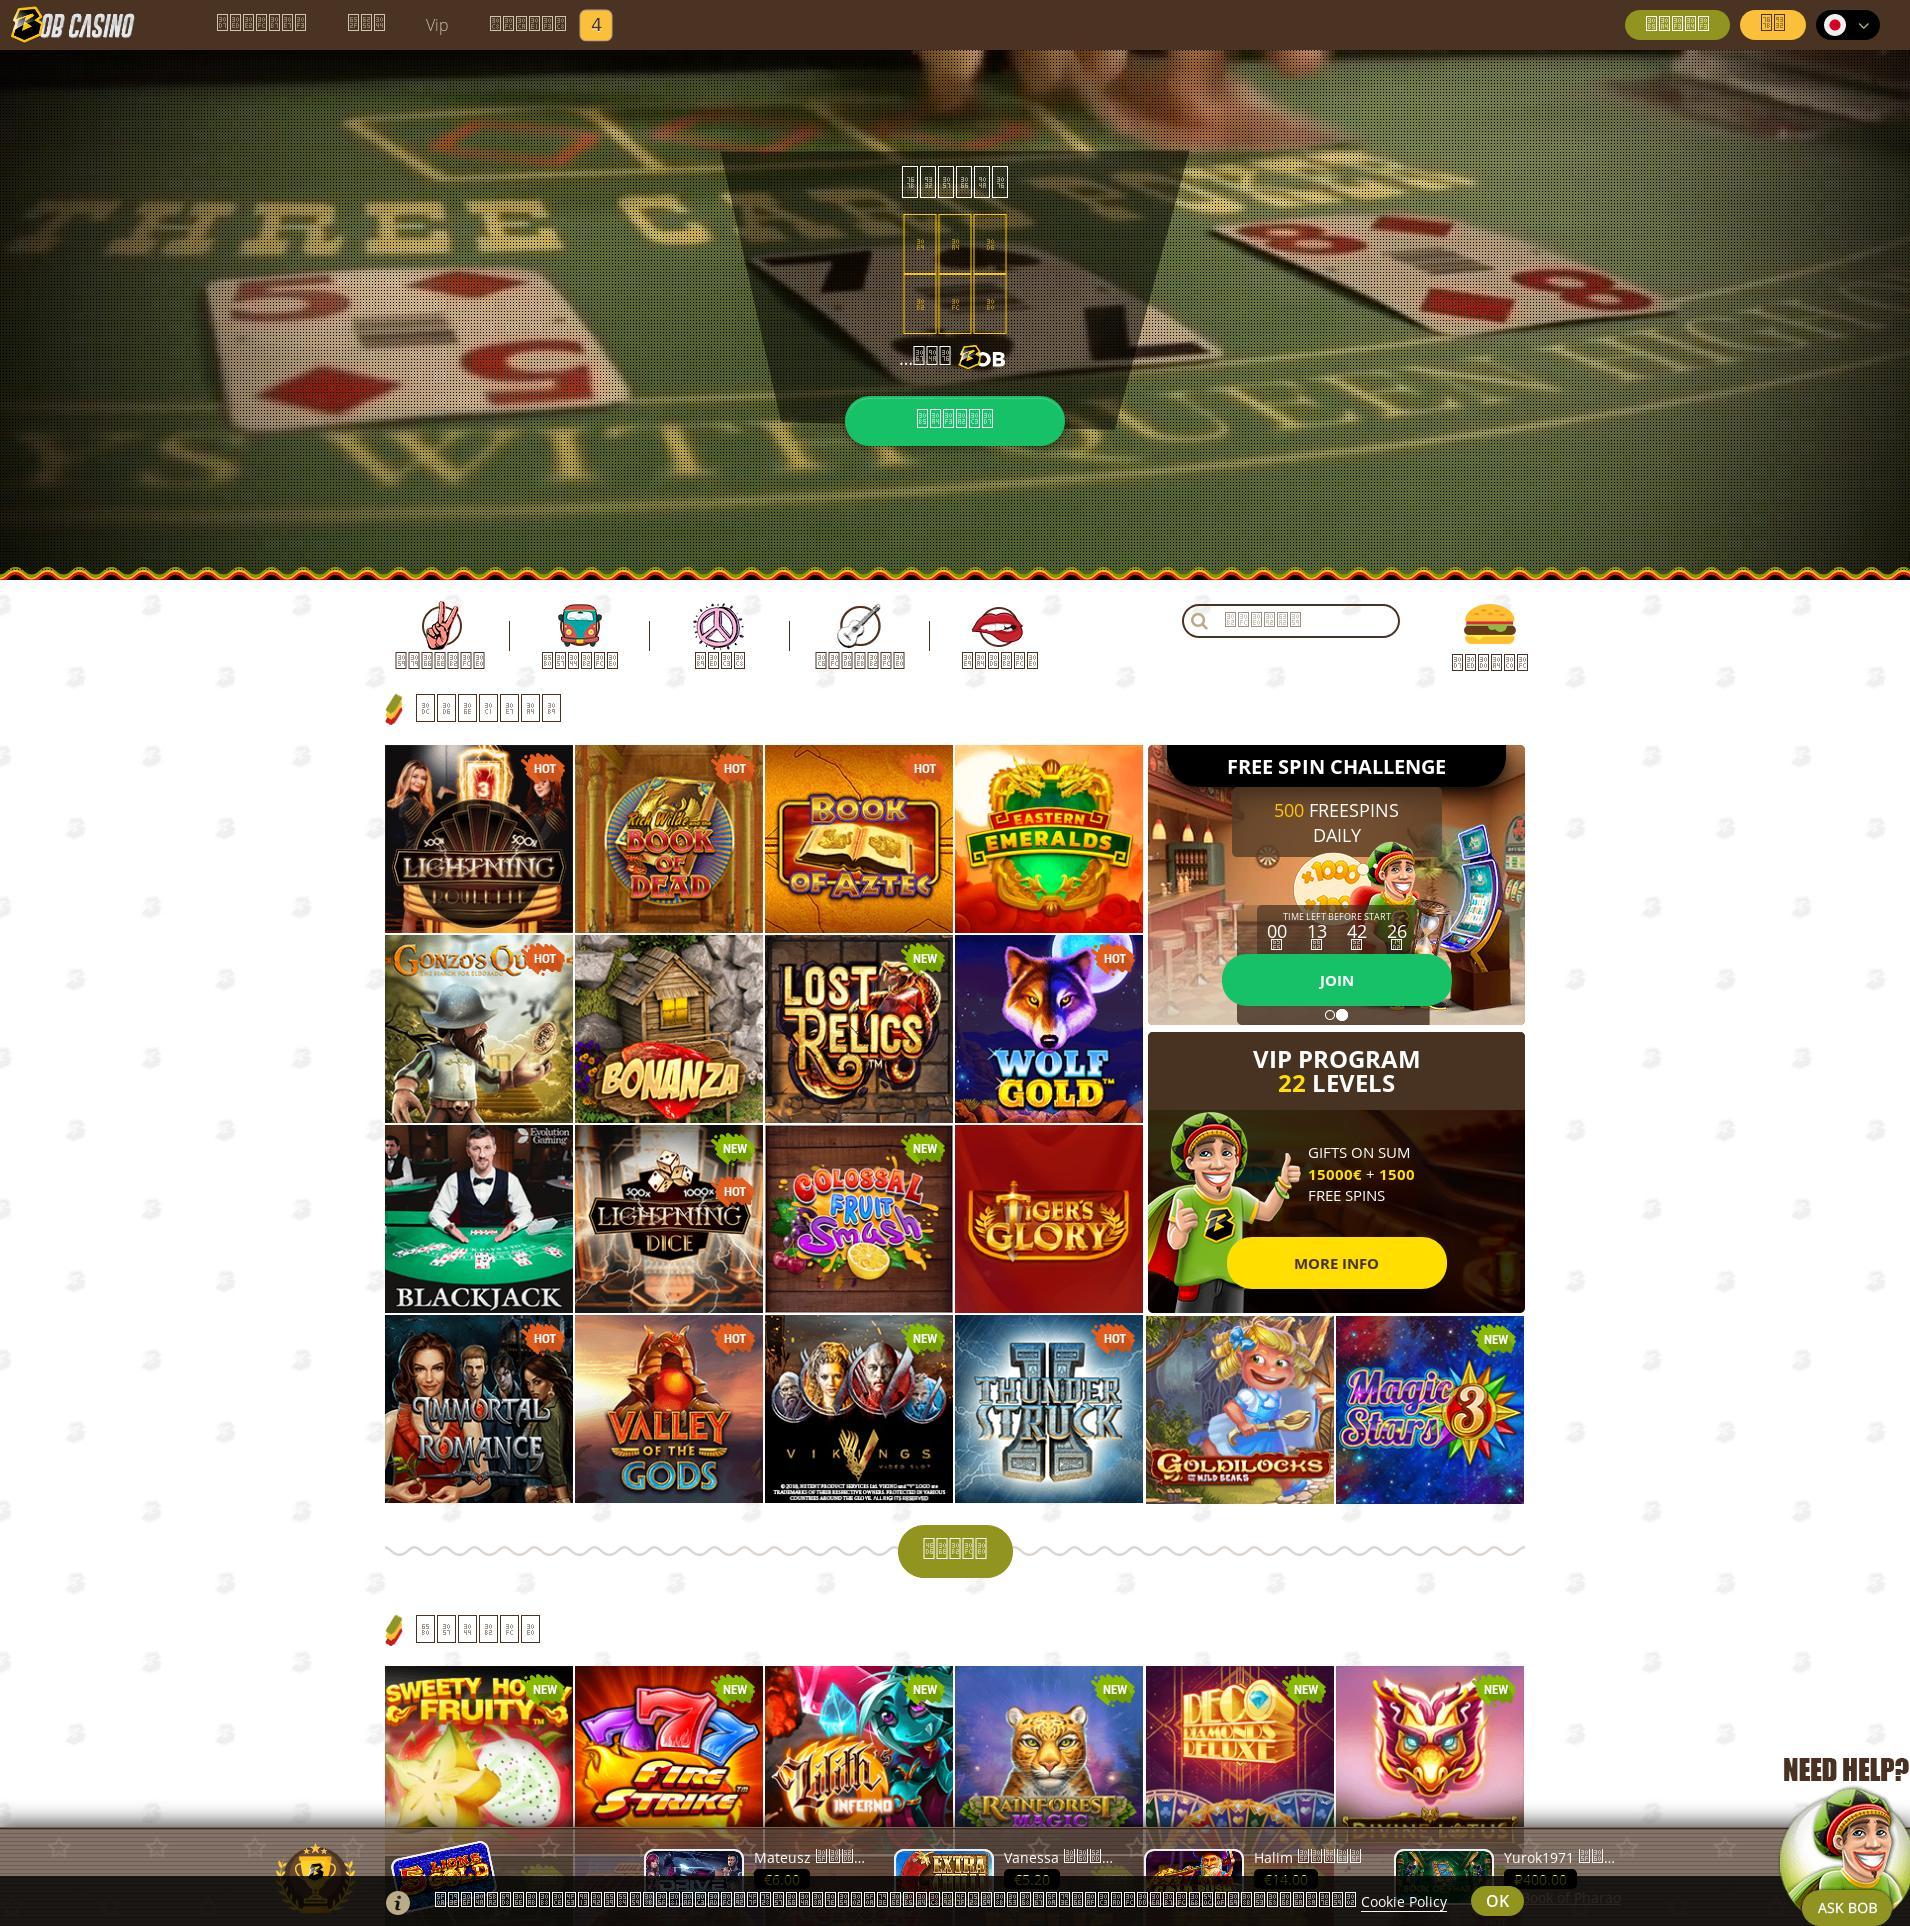 カジノのスクリーン Lobby 2019-10-15 ために 日本